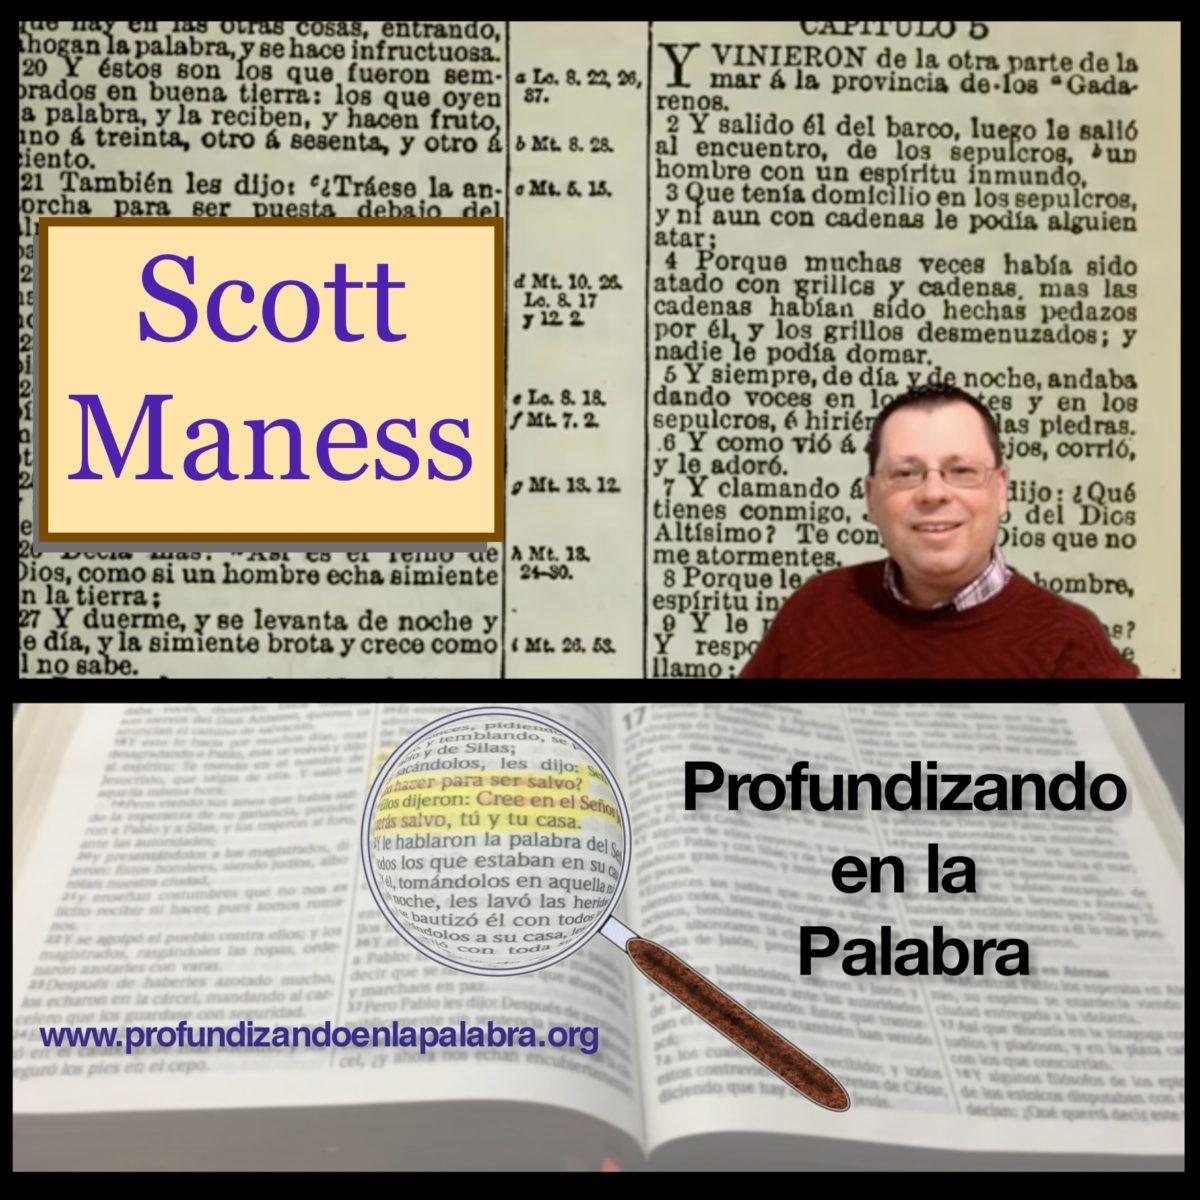 Este podcast está aquí para ayudarnos a profundizar nuestra comprensión de la palabra de Dios y su voluntad para nuestras vidas.